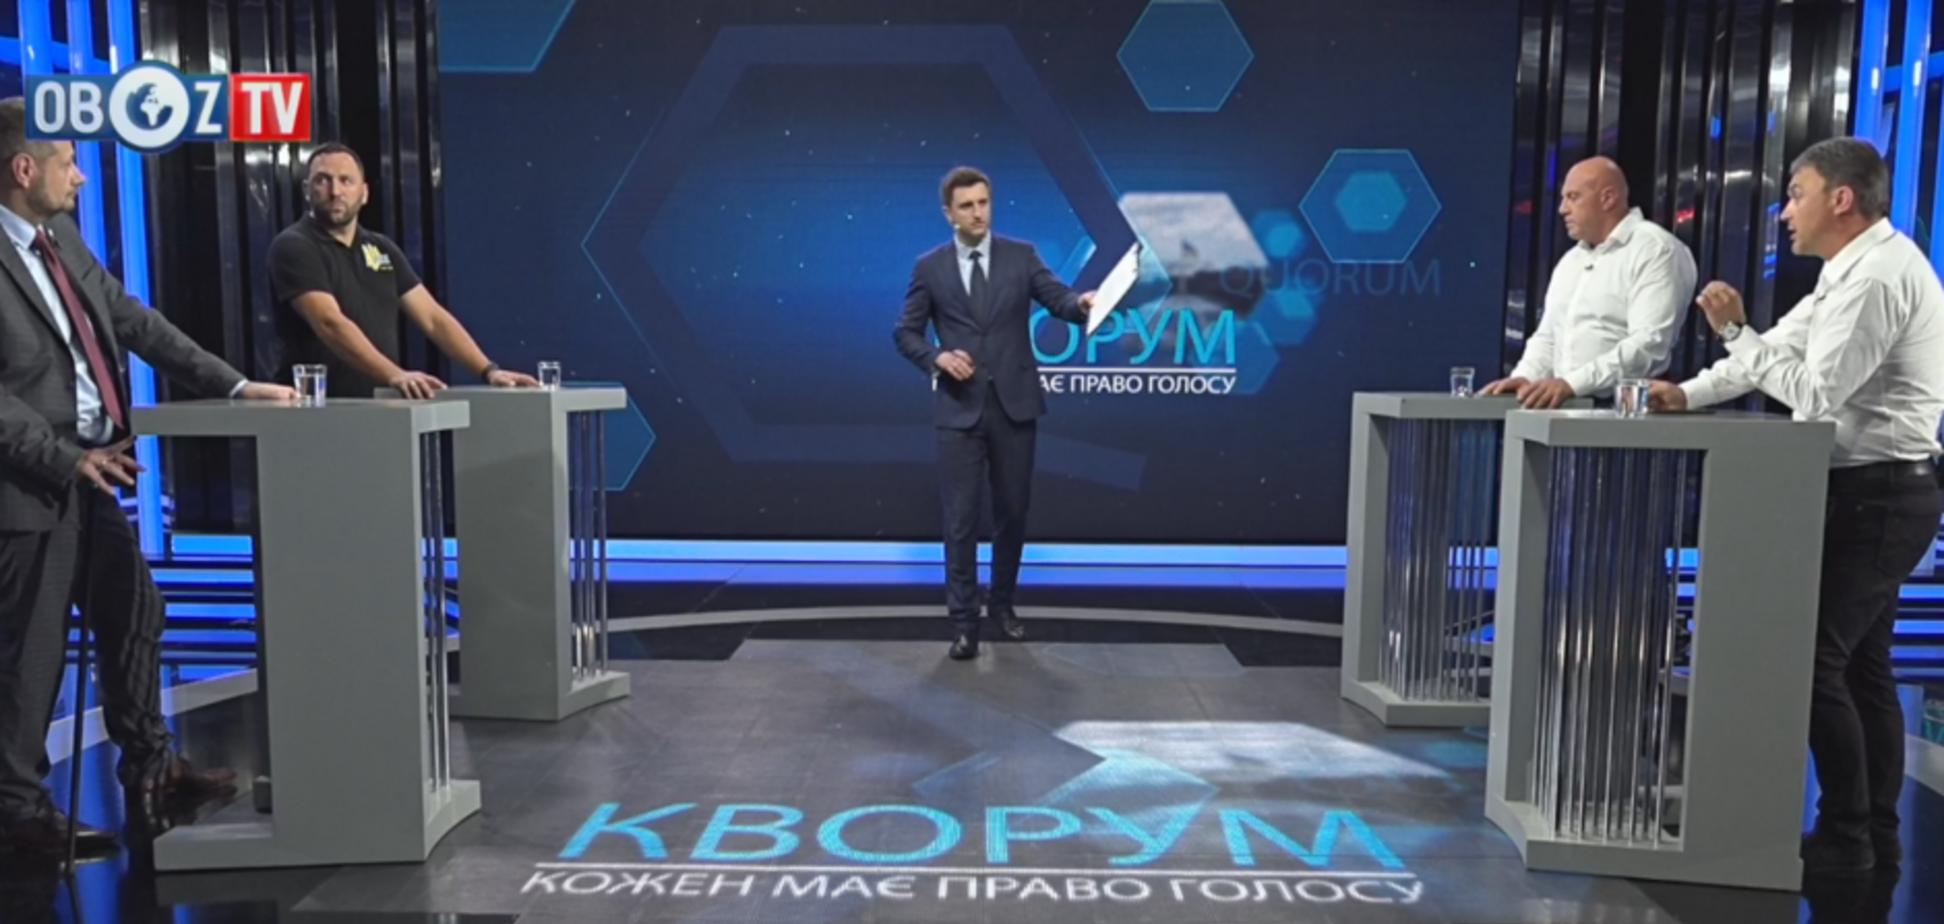 Новий політичний сезон: Старт | Кворум ч. 3